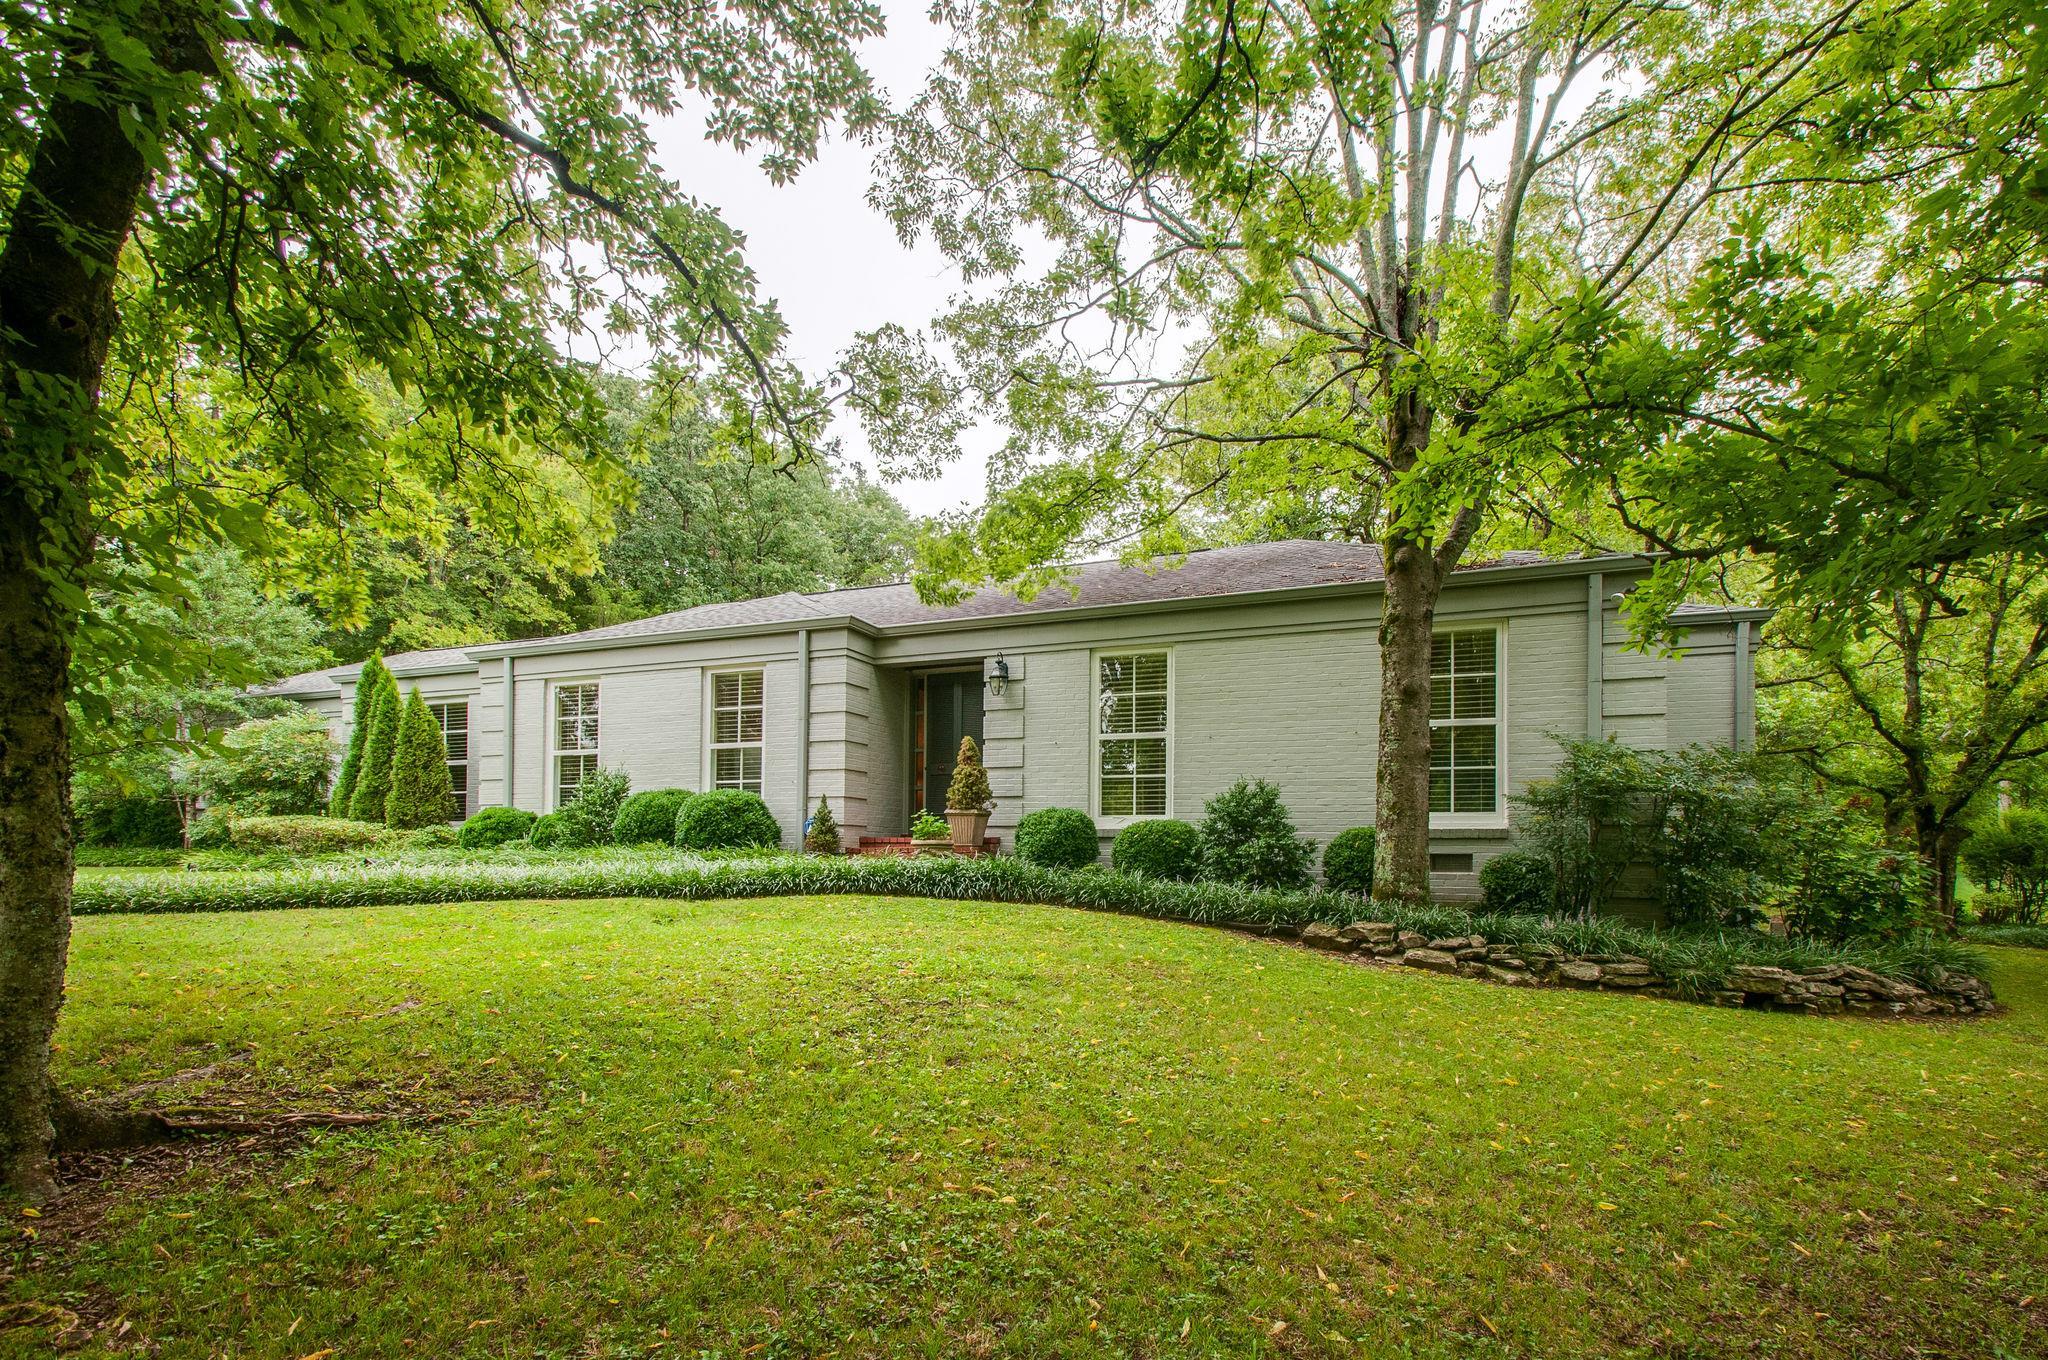 768 Greeley Dr, Nashville, TN 37205 - Nashville, TN real estate listing